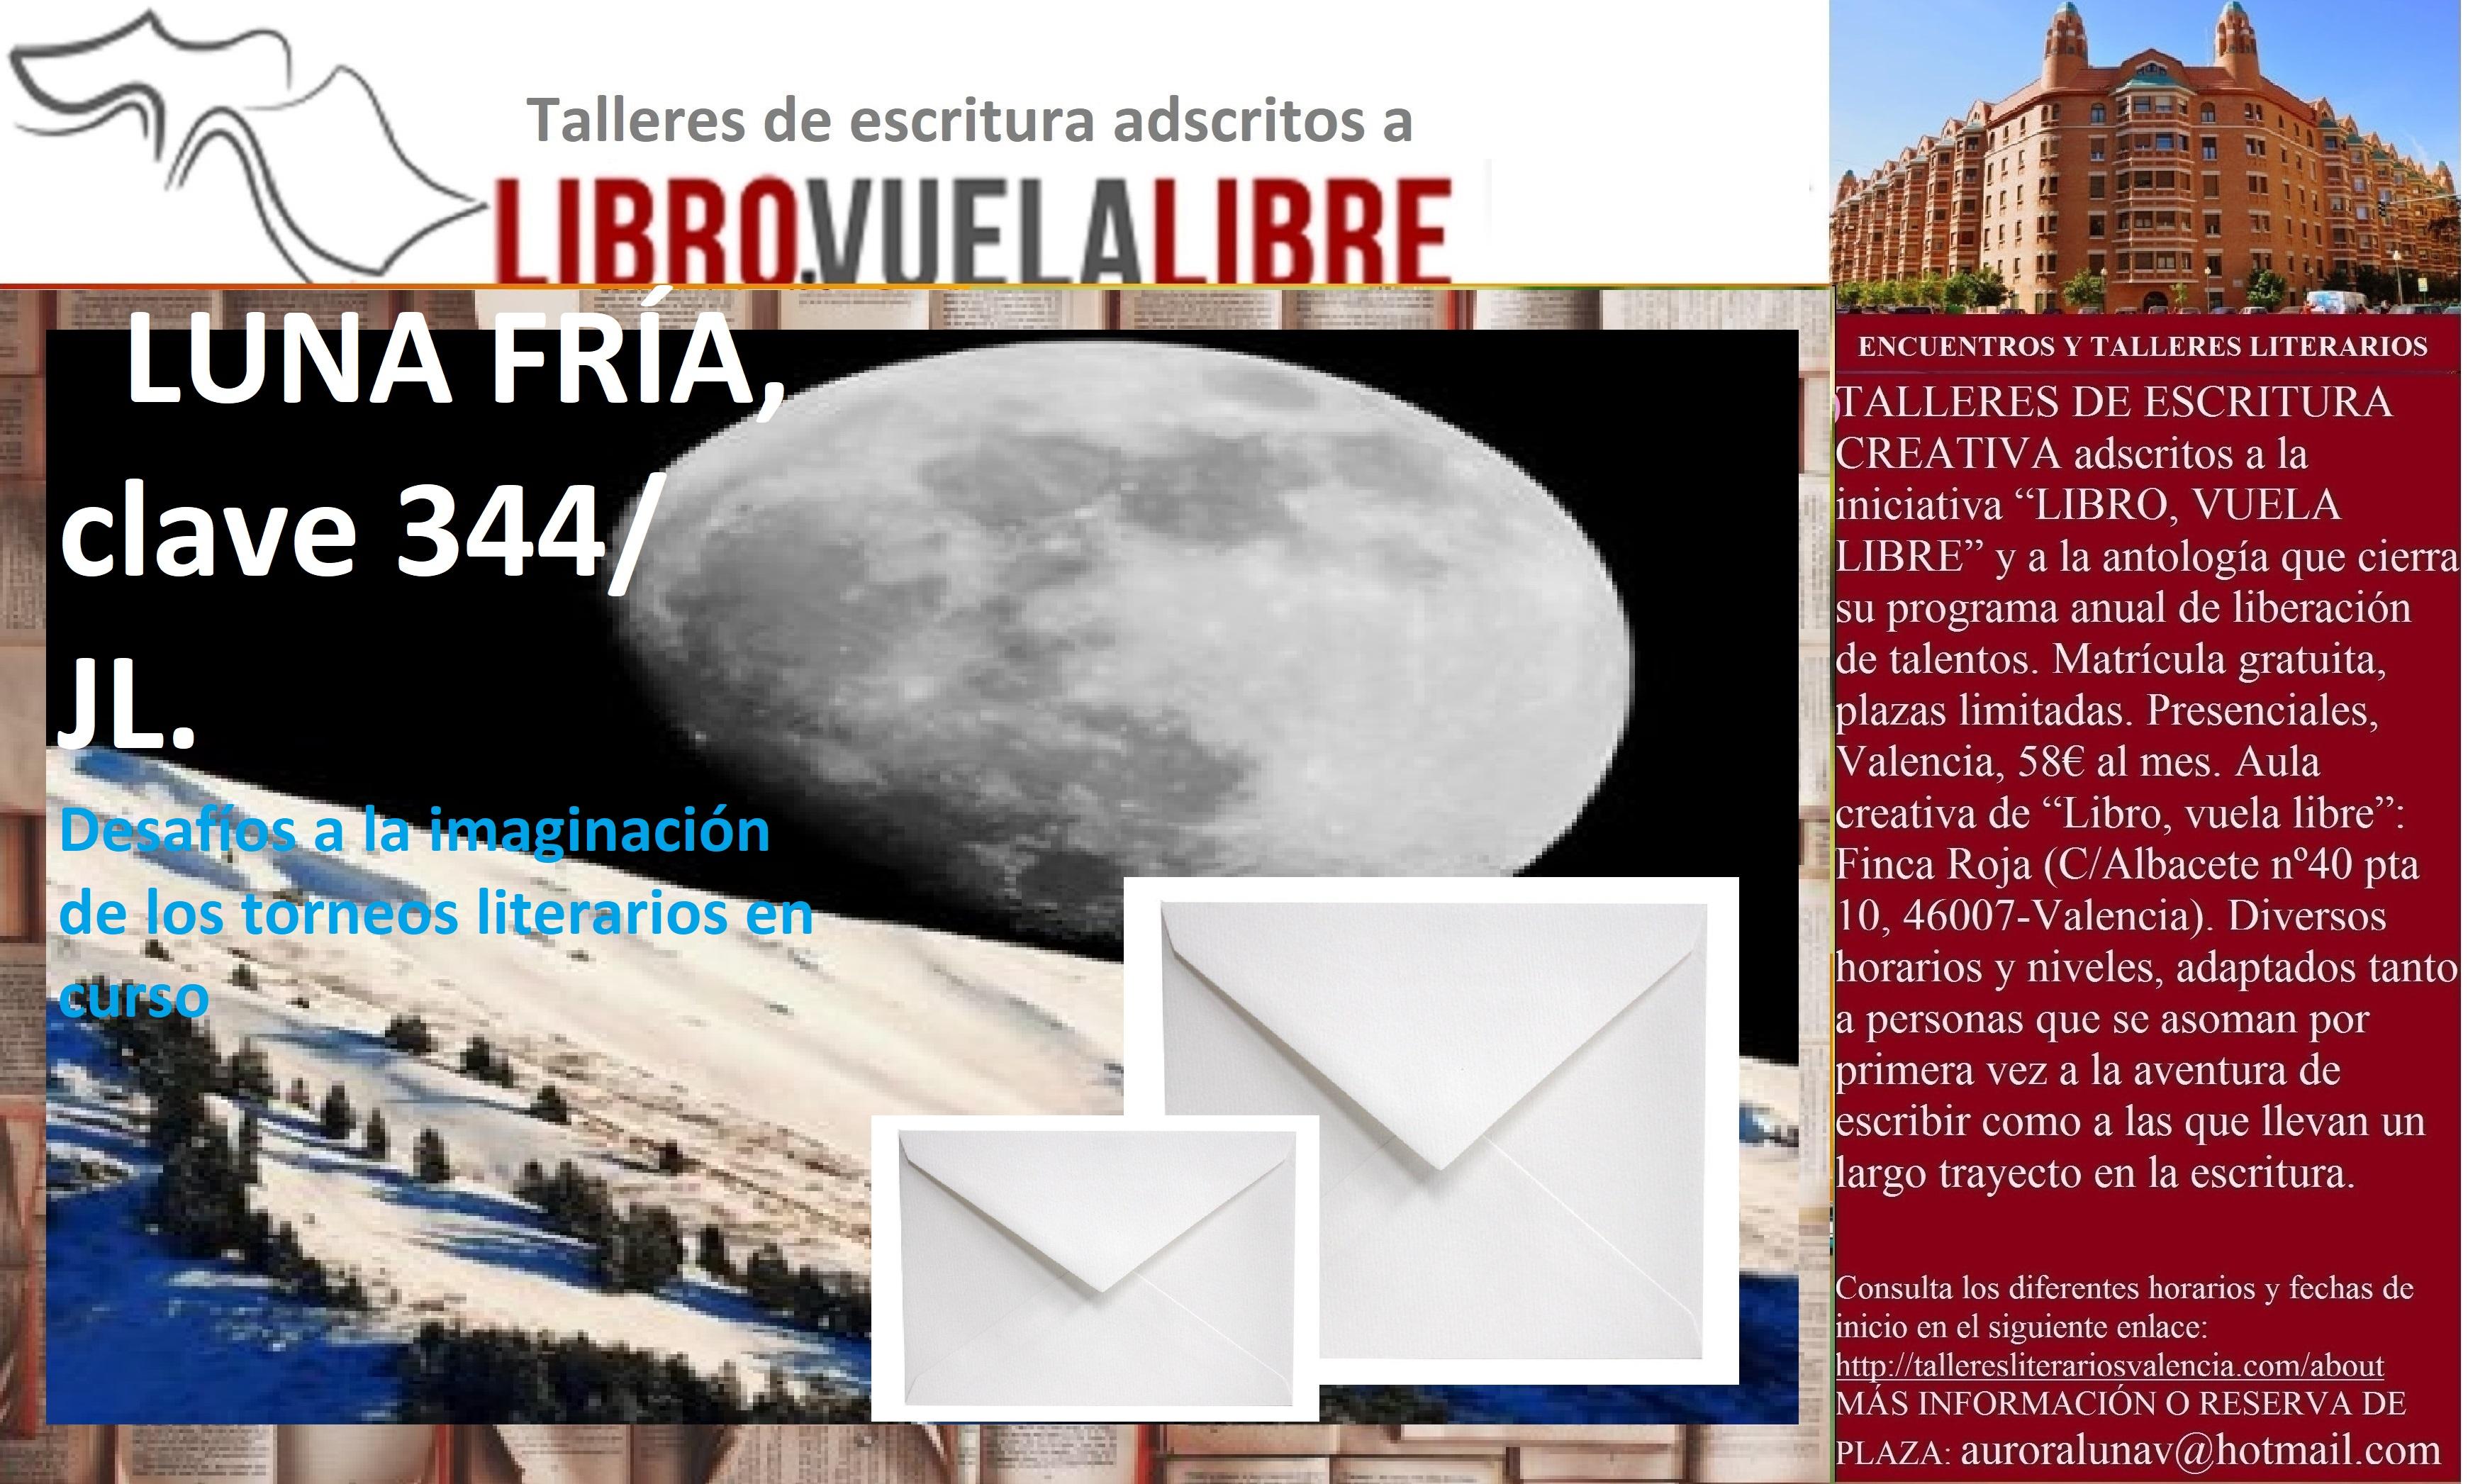 """Taller literario, clave 344/ JL: ENCUENTROS CON """"TODAS LAS LUNAS"""""""